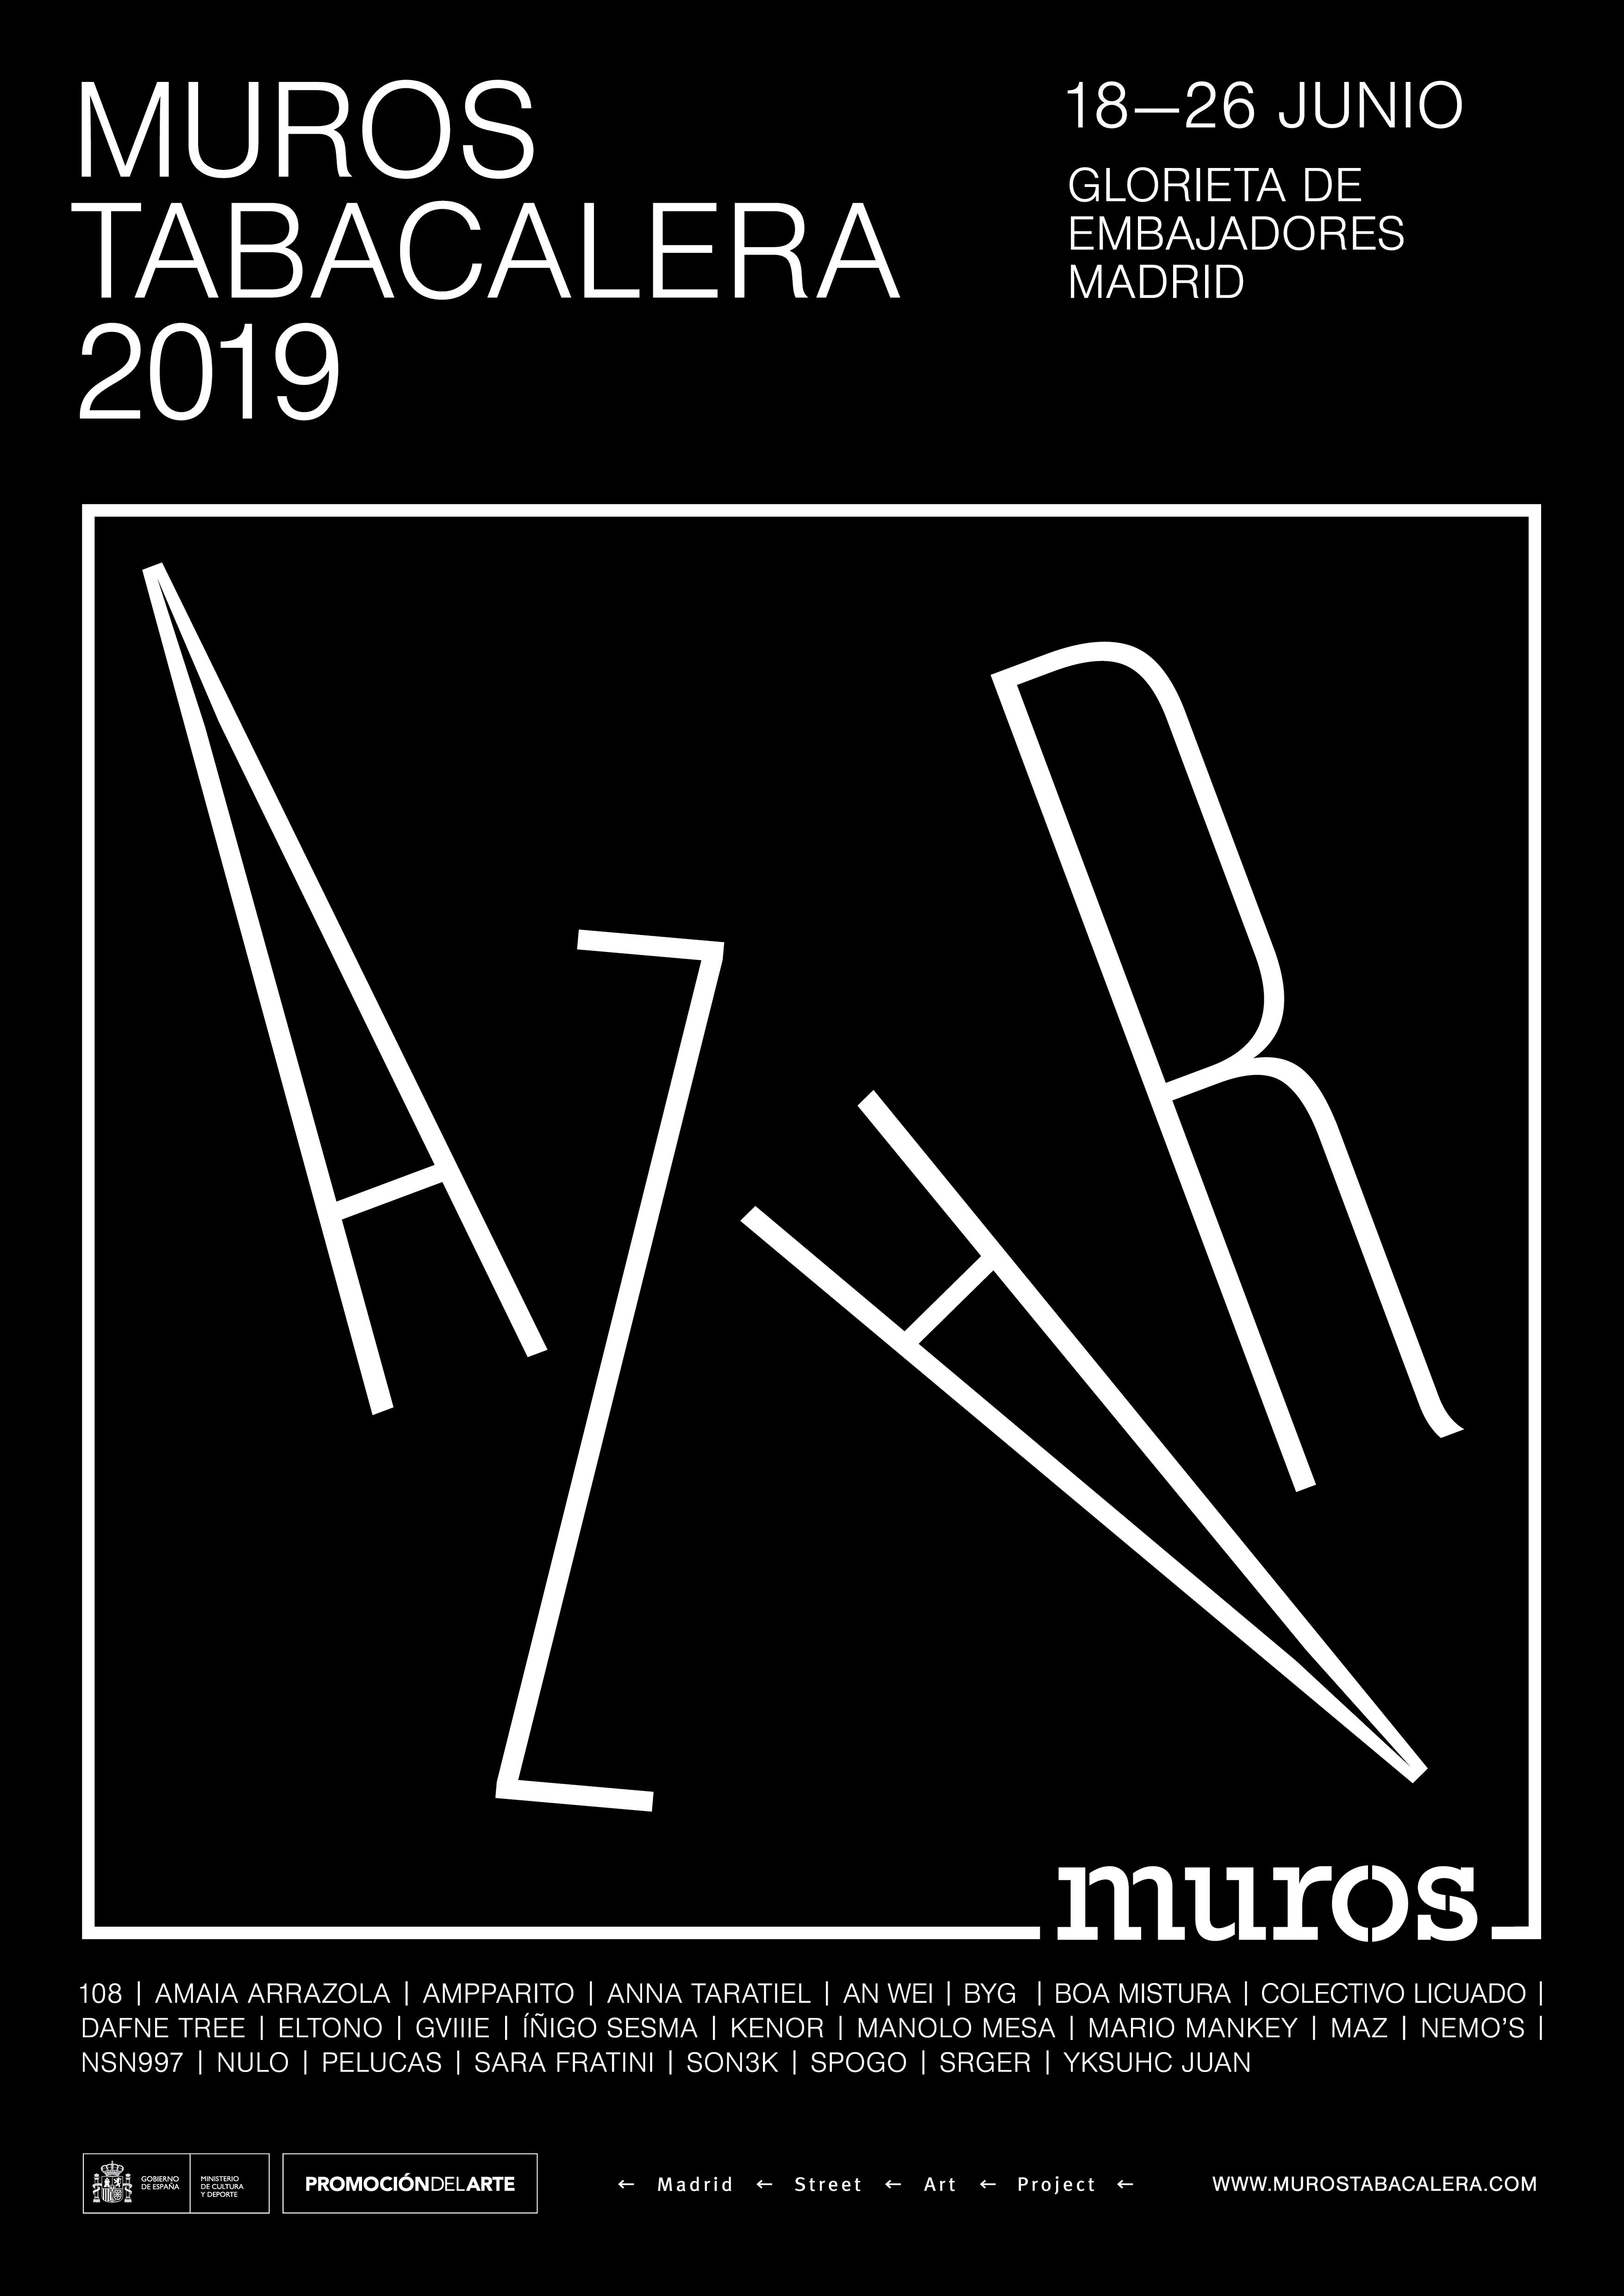 MUROS_AZAR_POSTER_ARTISTAS-AF.jpg